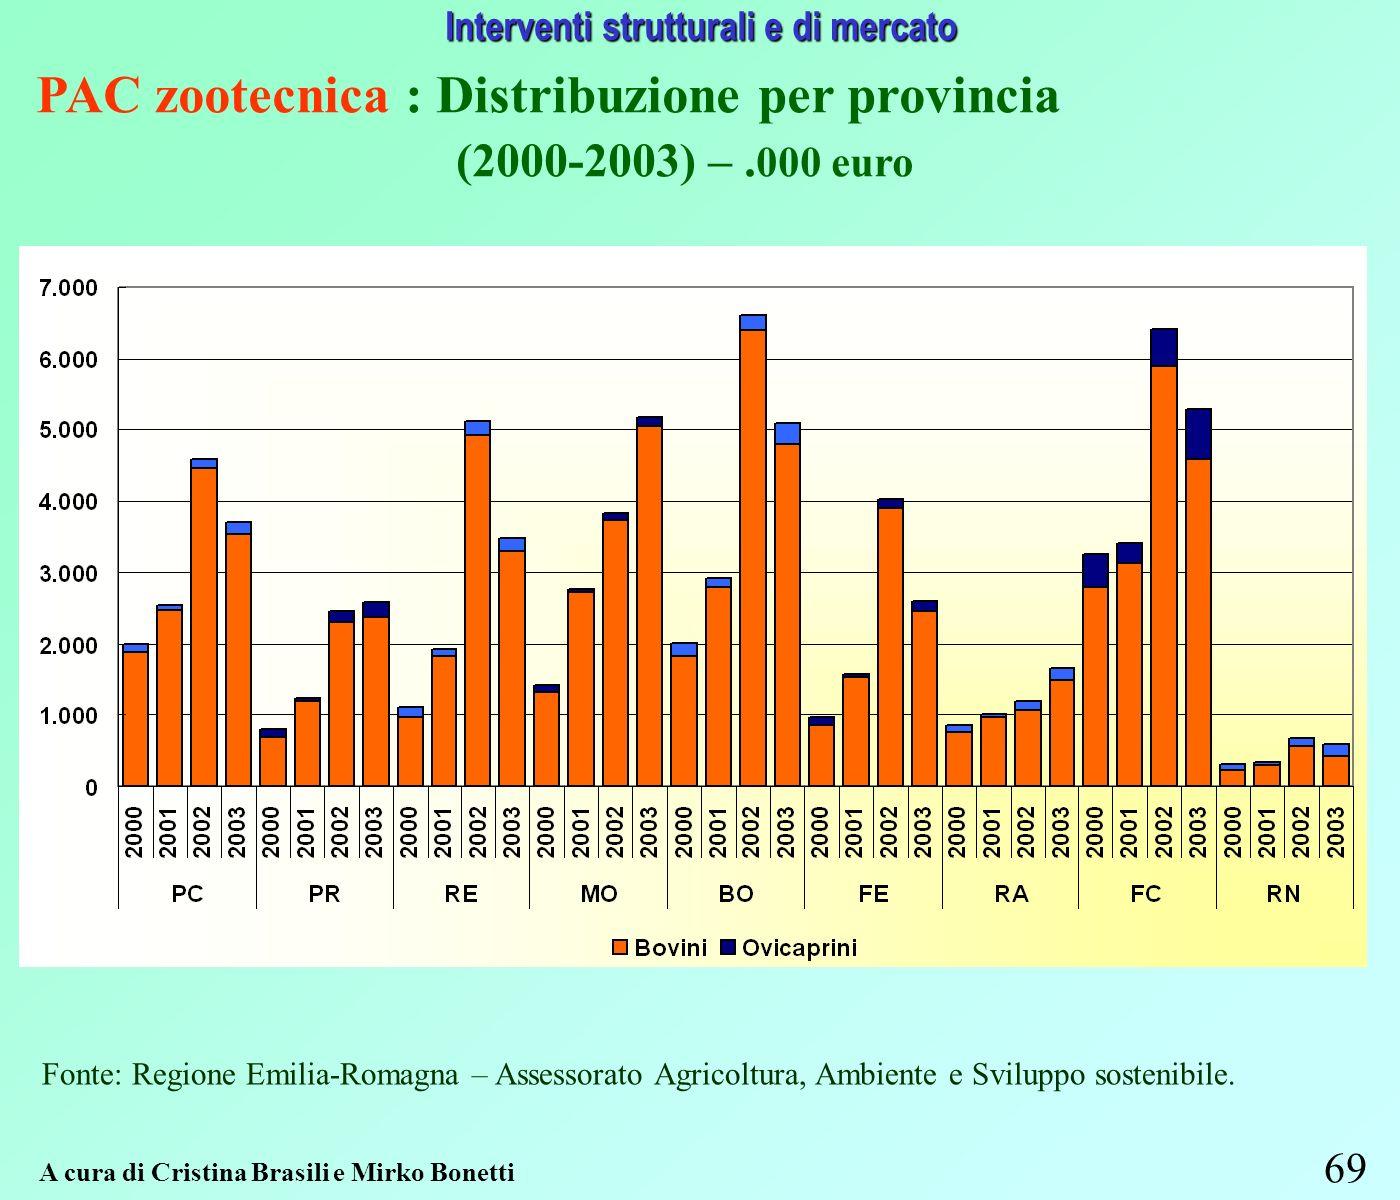 69 Interventi strutturali e di mercato A cura di Cristina Brasili e Mirko Bonetti PAC zootecnica : Distribuzione per provincia (2000-2003) –.